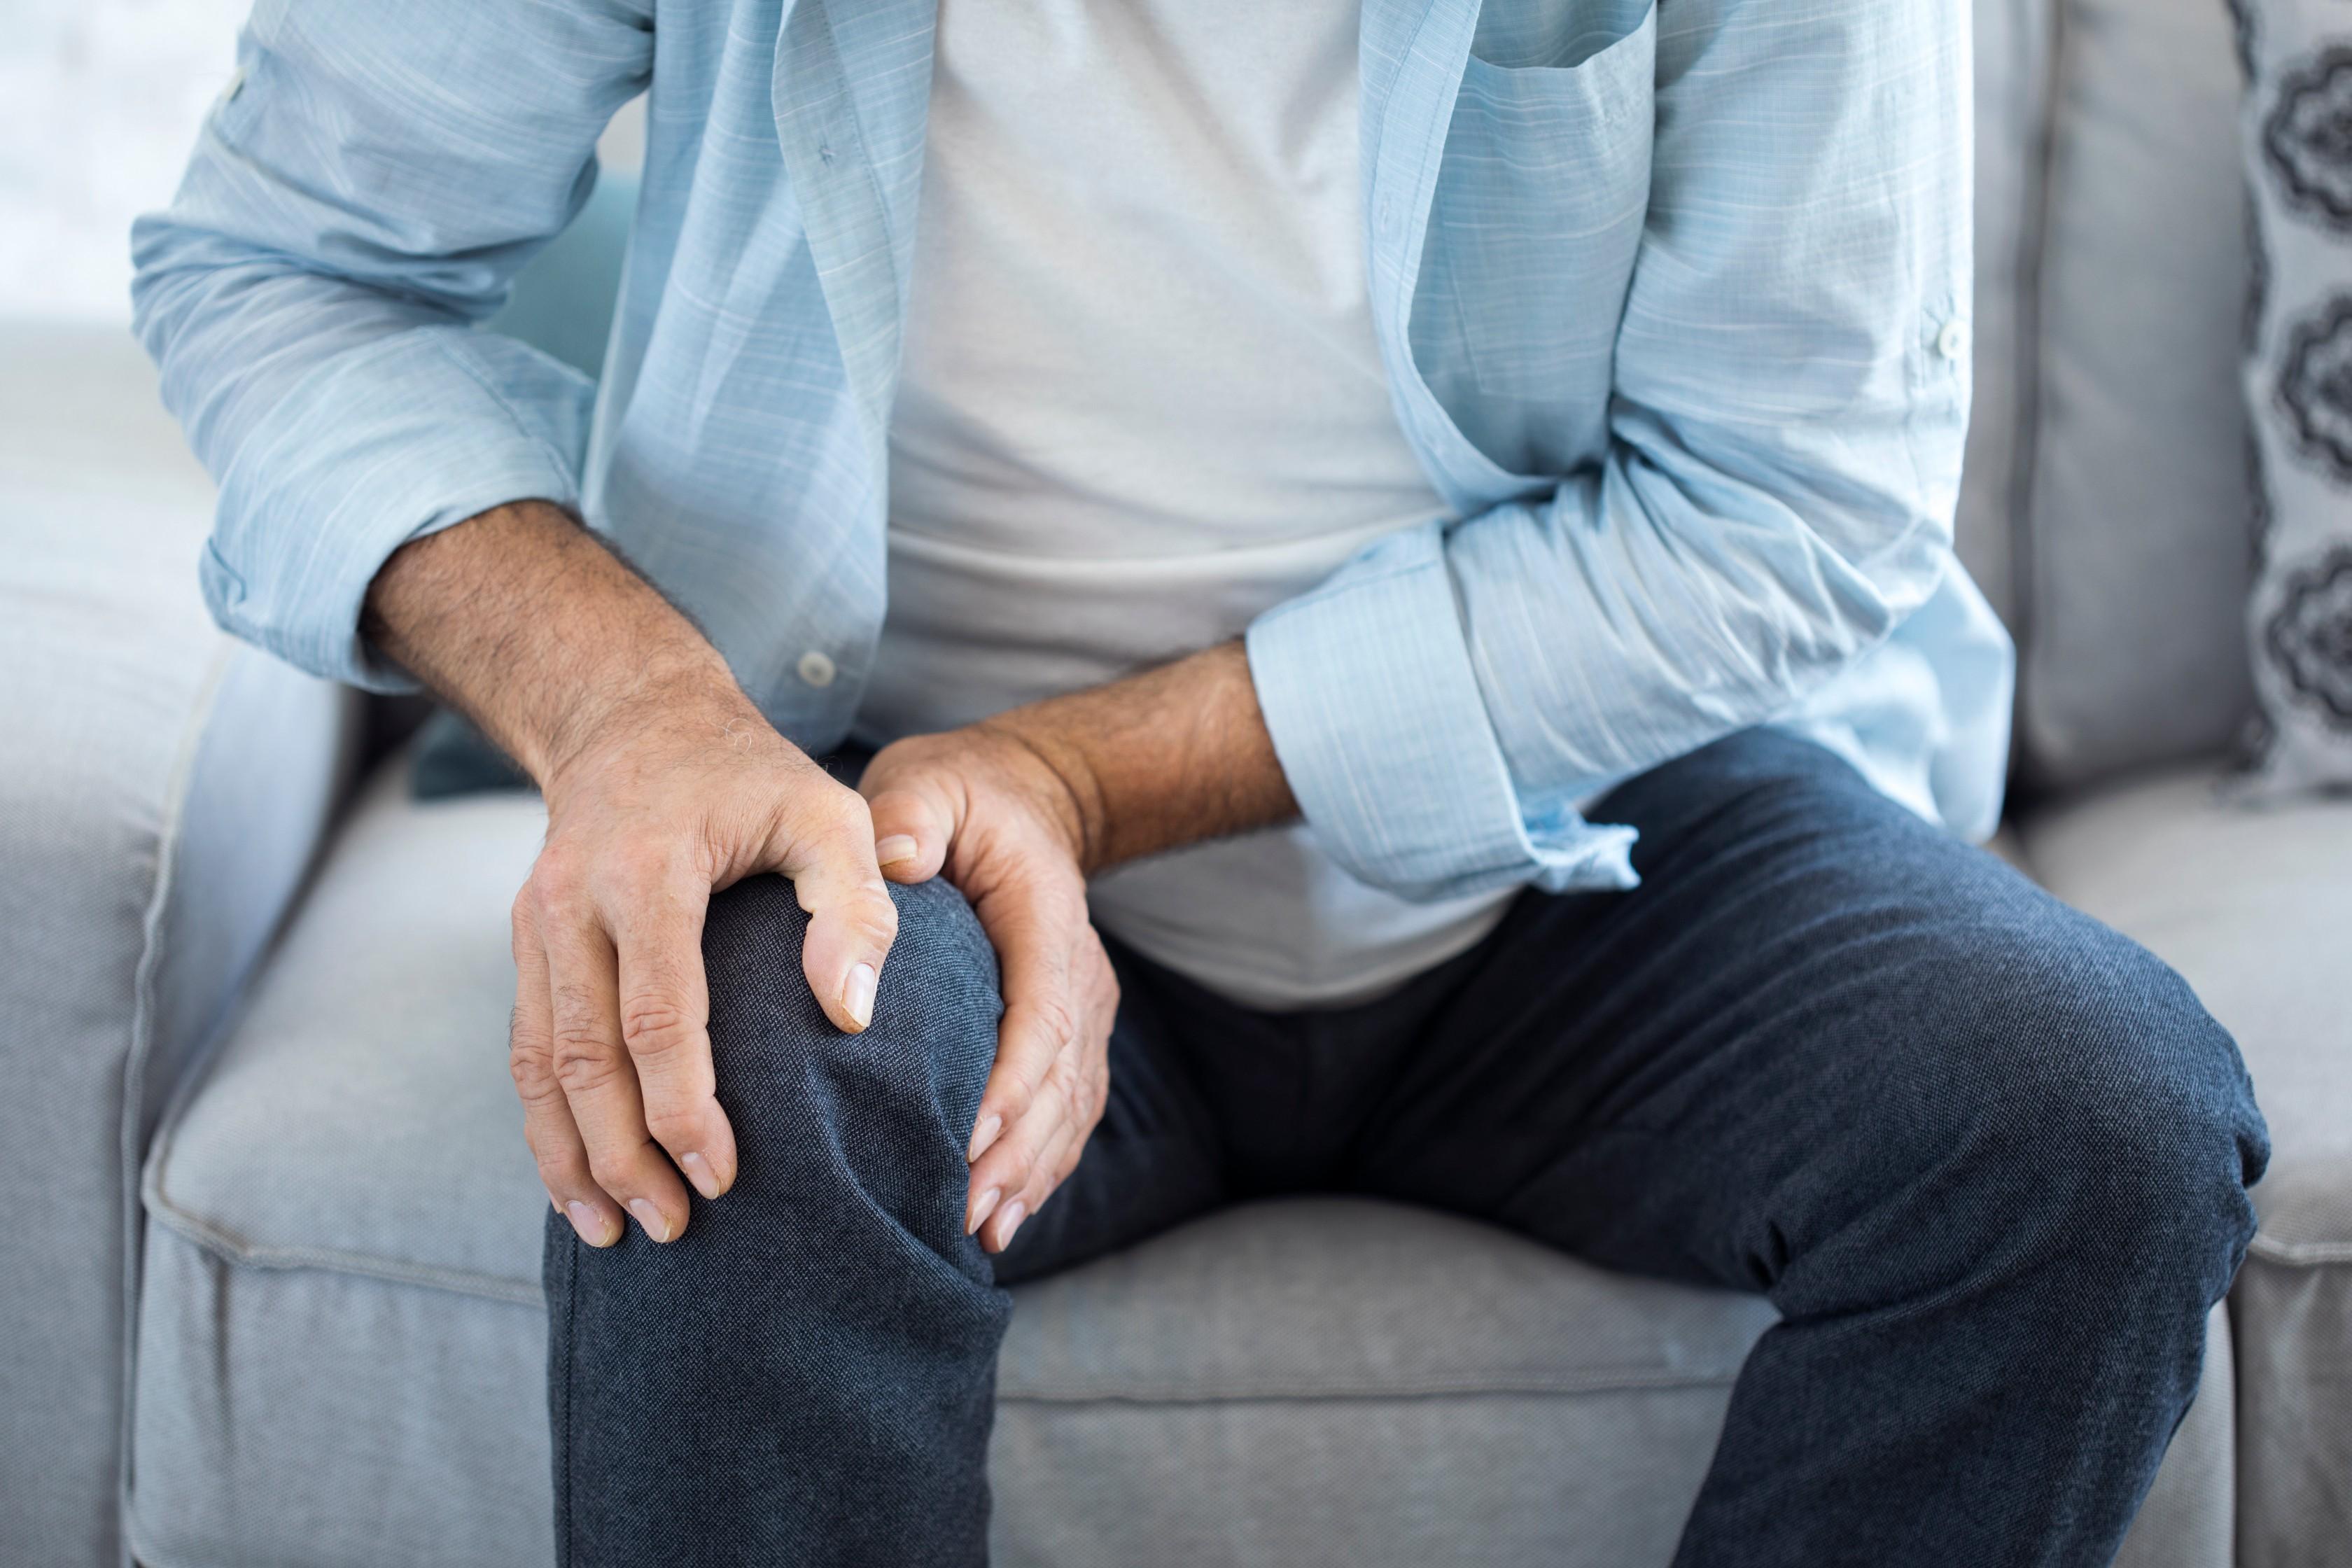 Fájdalom és nehézség érzés a lábakban: okok, az áramlás jellege - Ekcéma